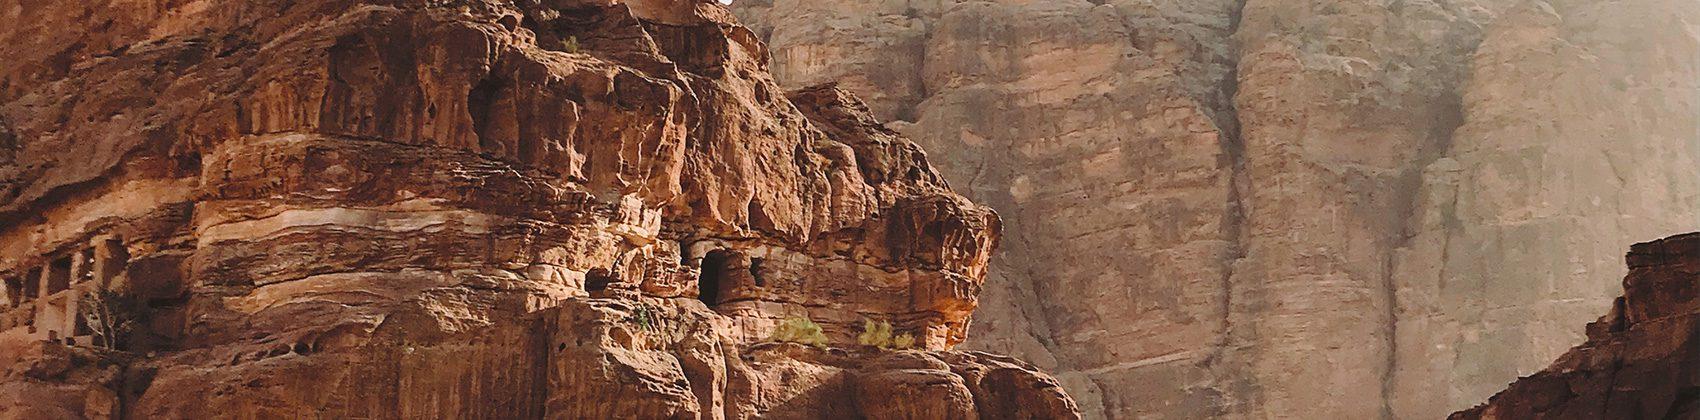 جولة في المملكة الهاشمية: أفضل الأماكن السياحية في الأردن